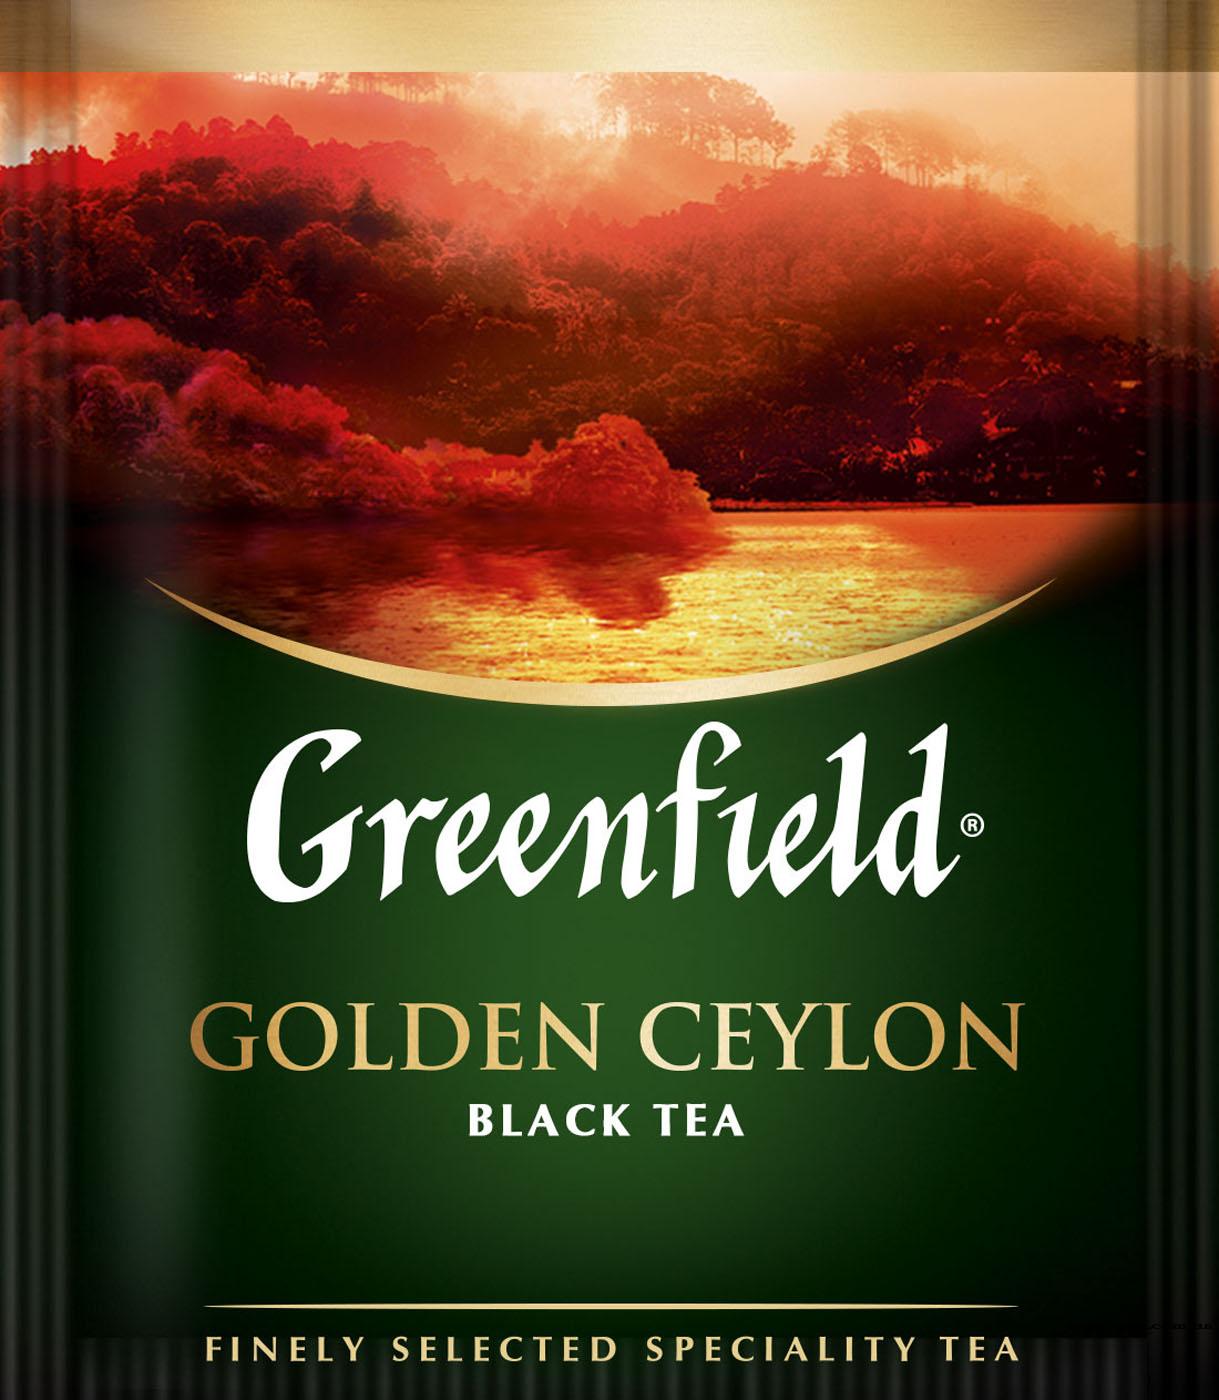 Чай черный классический Golden Ceylon 100пак. по 2гр., термосаше, в пакете Greenfield - фото 1